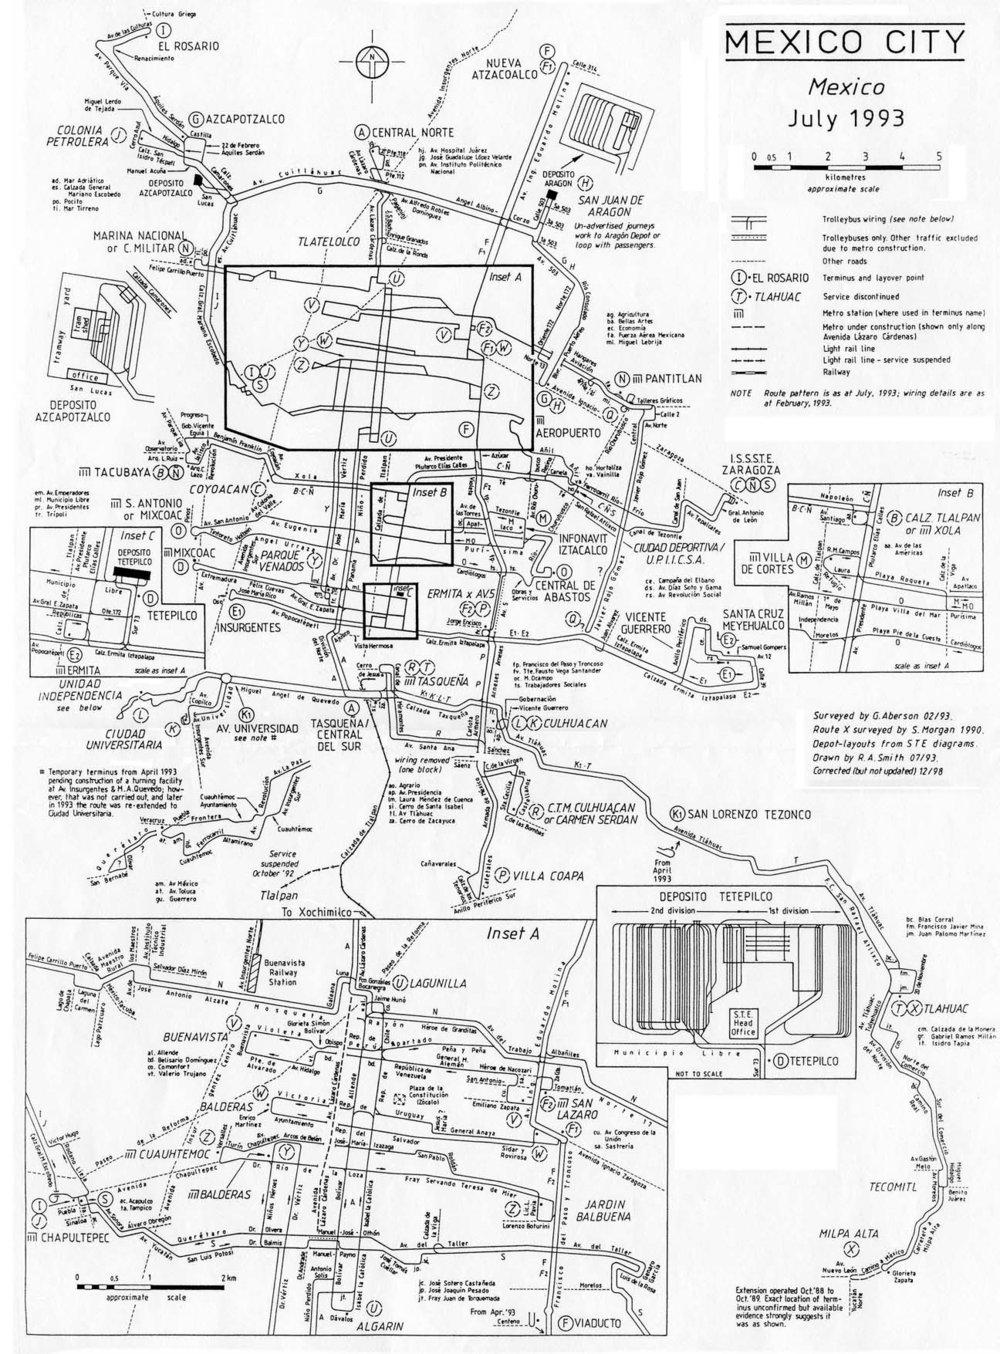 Takto hustá byla trolejbusová síť v hlavním městě ještě v roce 1993.(autor: R. A. Smith; sbírka Allena Morrisona)